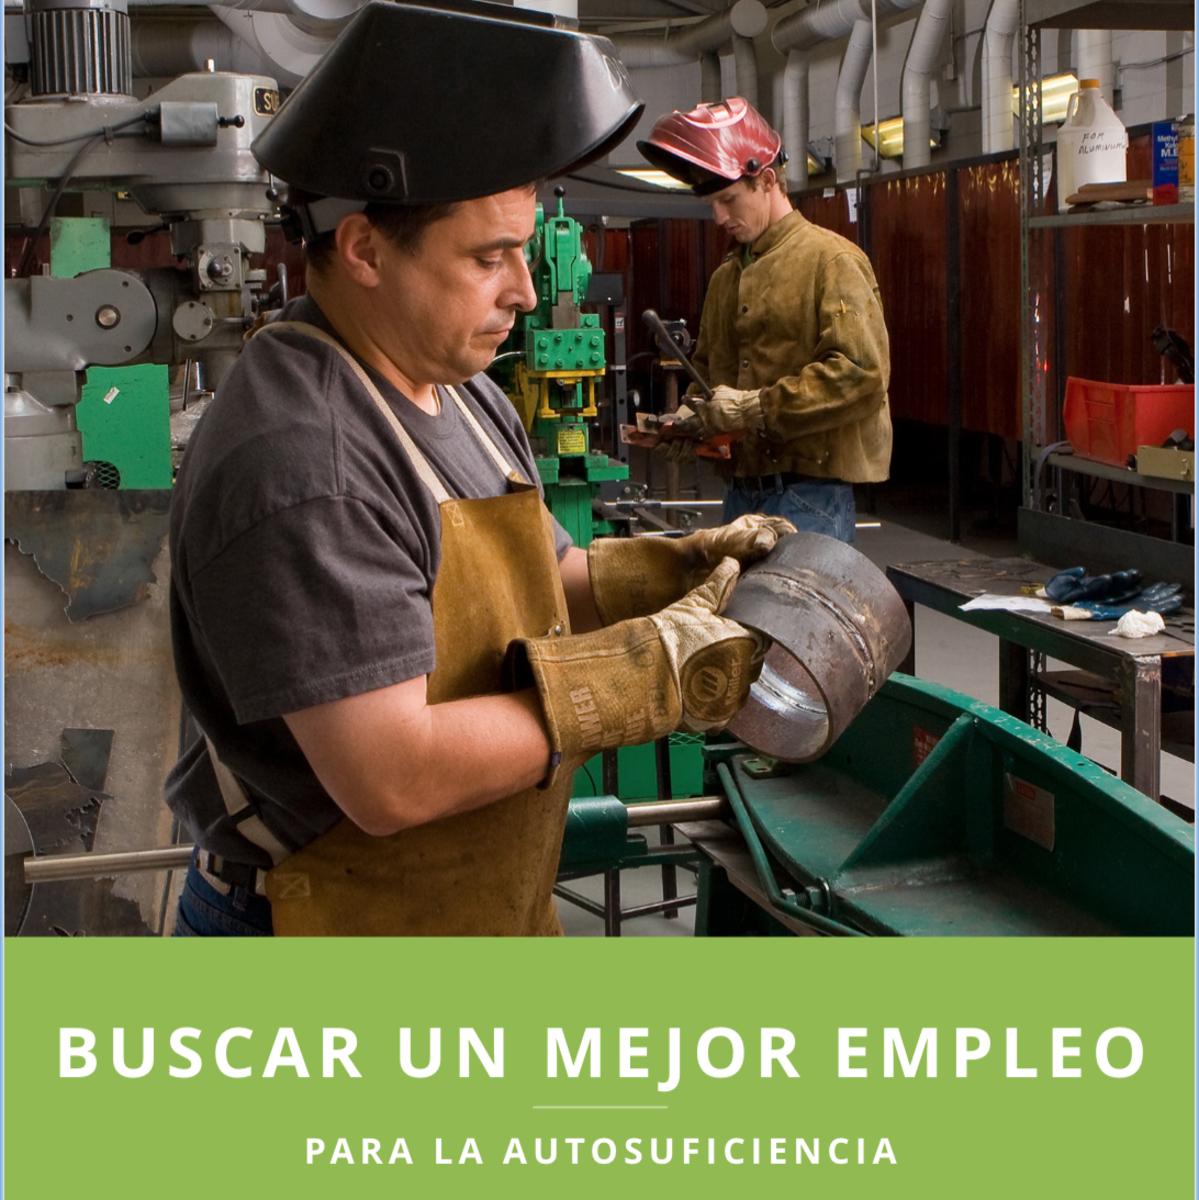 Un hombre SUD trabajando en una fábrica.